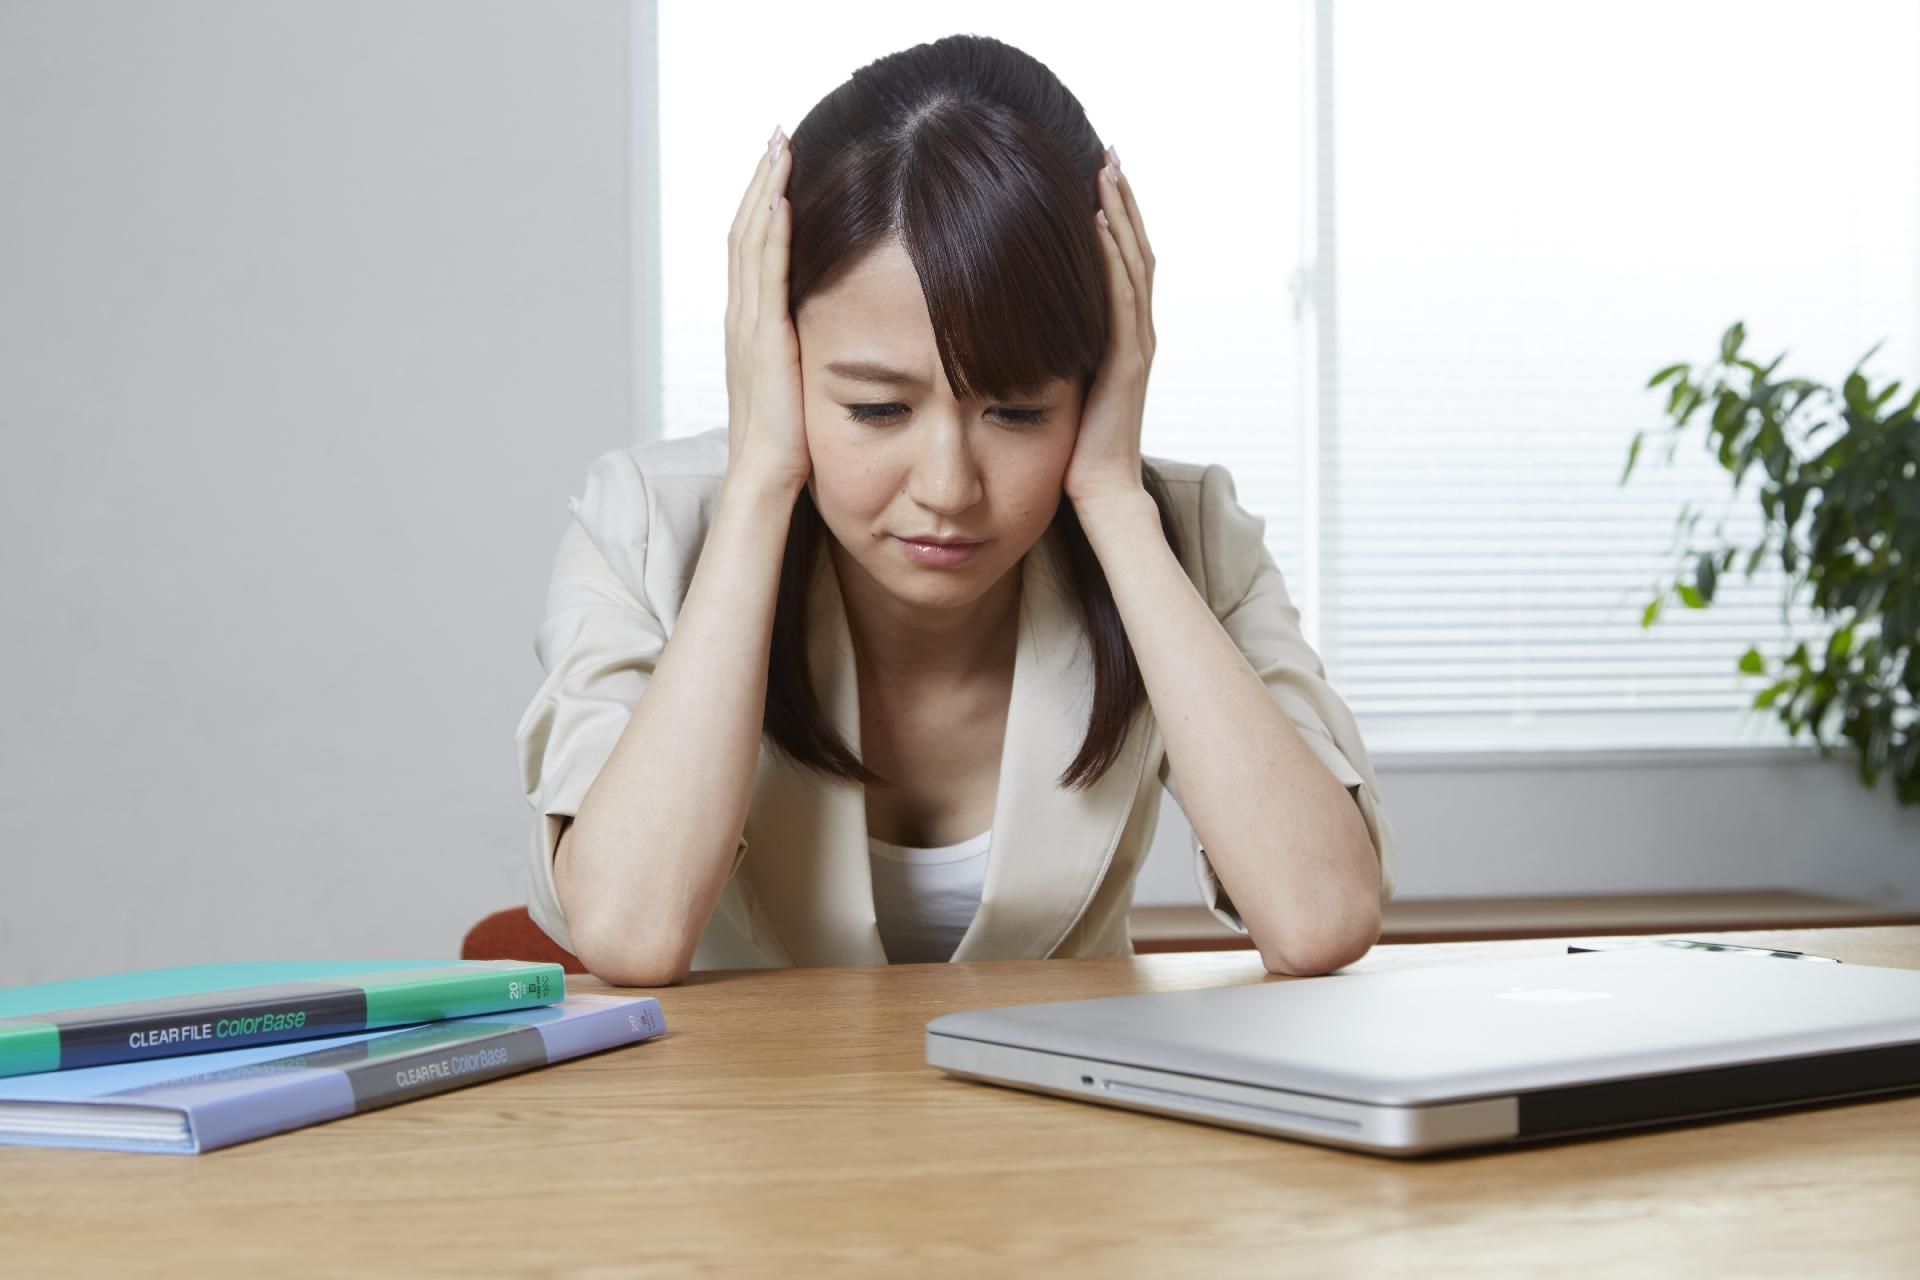 【耳鳴り・激しいめまいを感じる】メニエール病の症状や治療法とは?